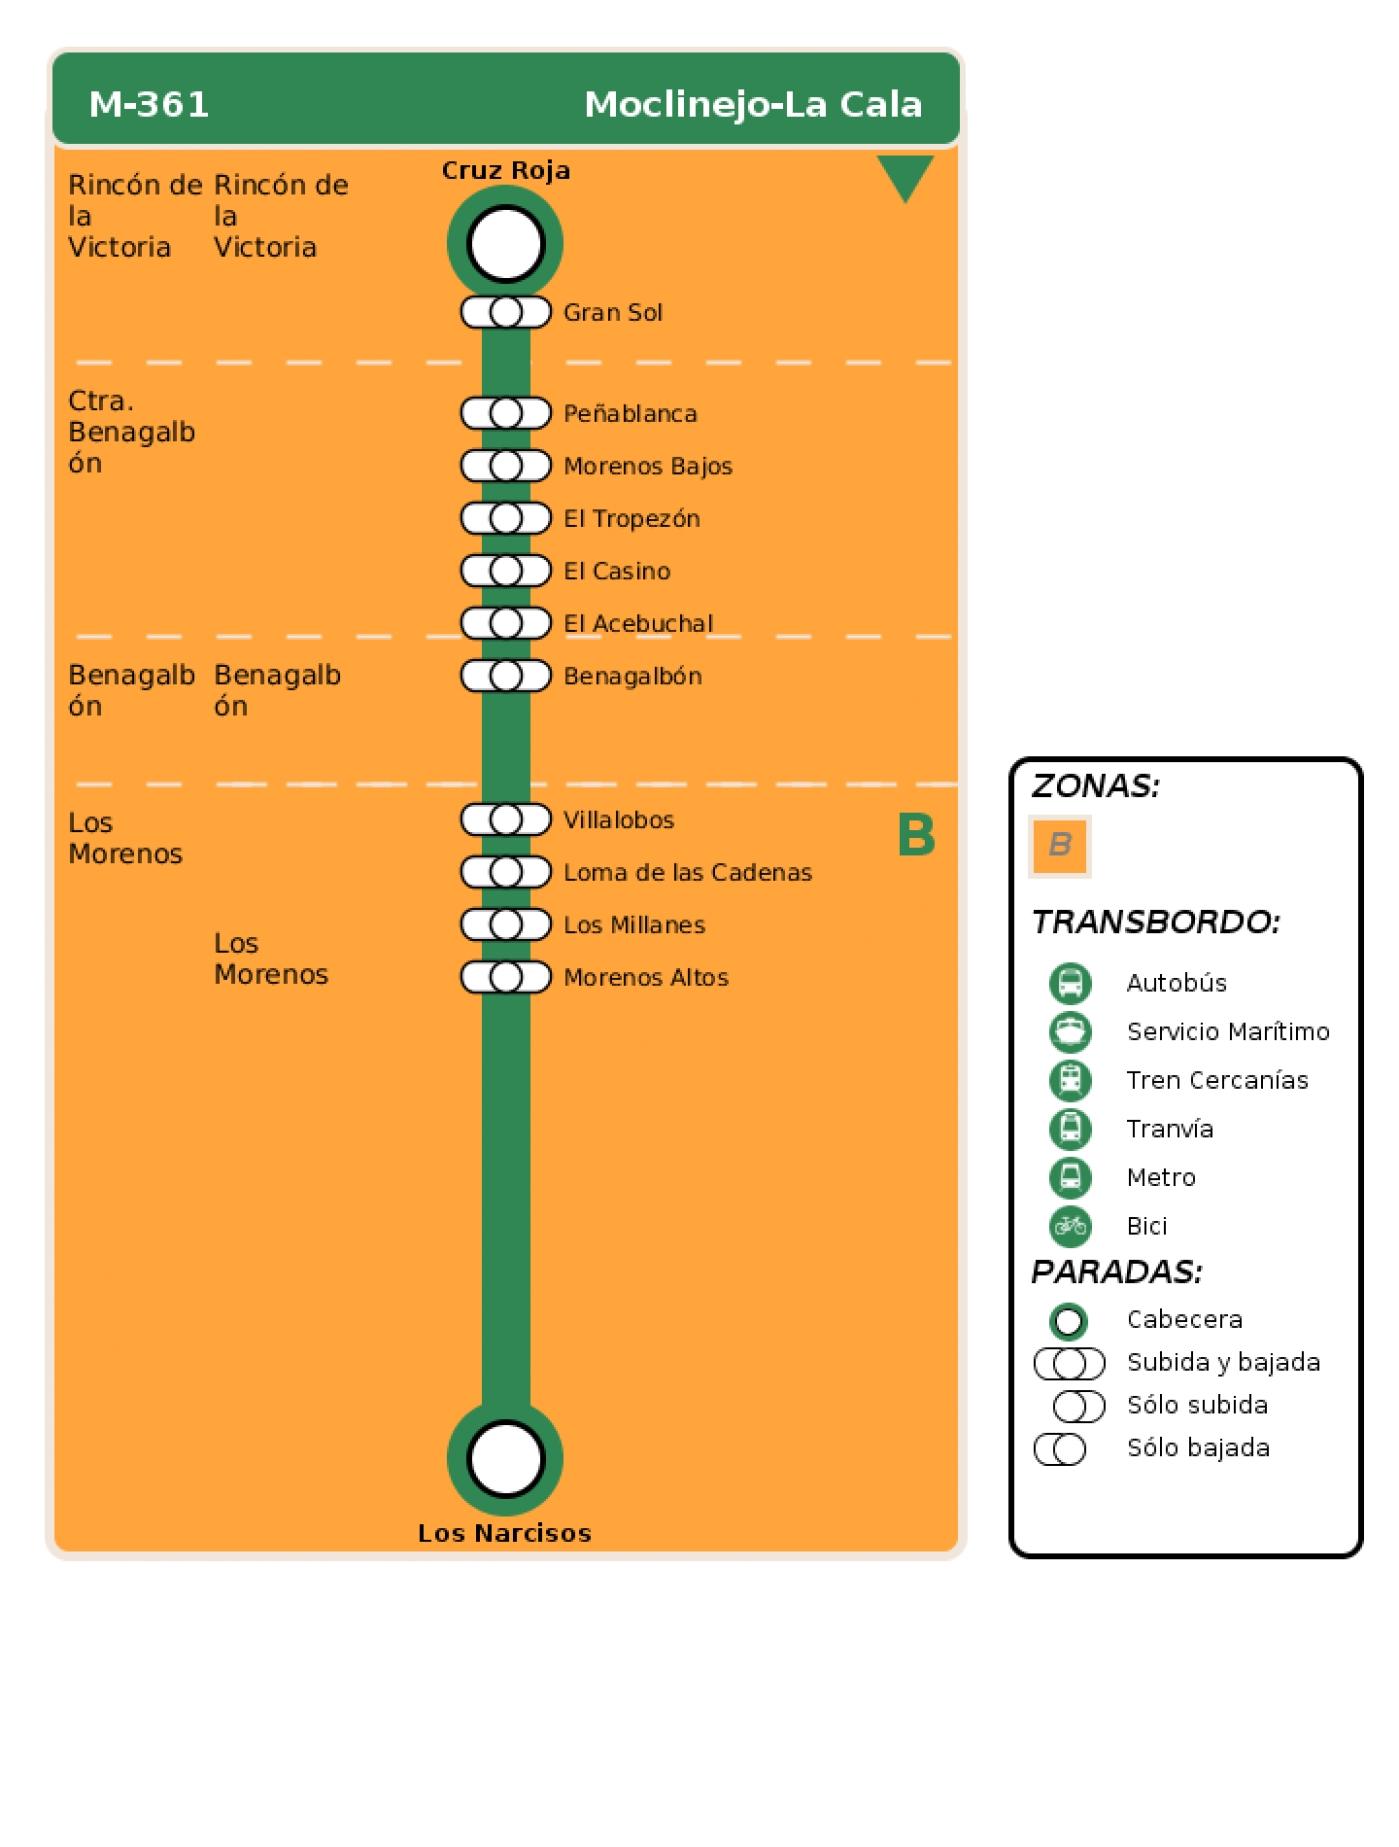 Recorrido esquemático, paradas y correspondencias en sentido vuelta Línea M-361: Moclinejo - La Cala